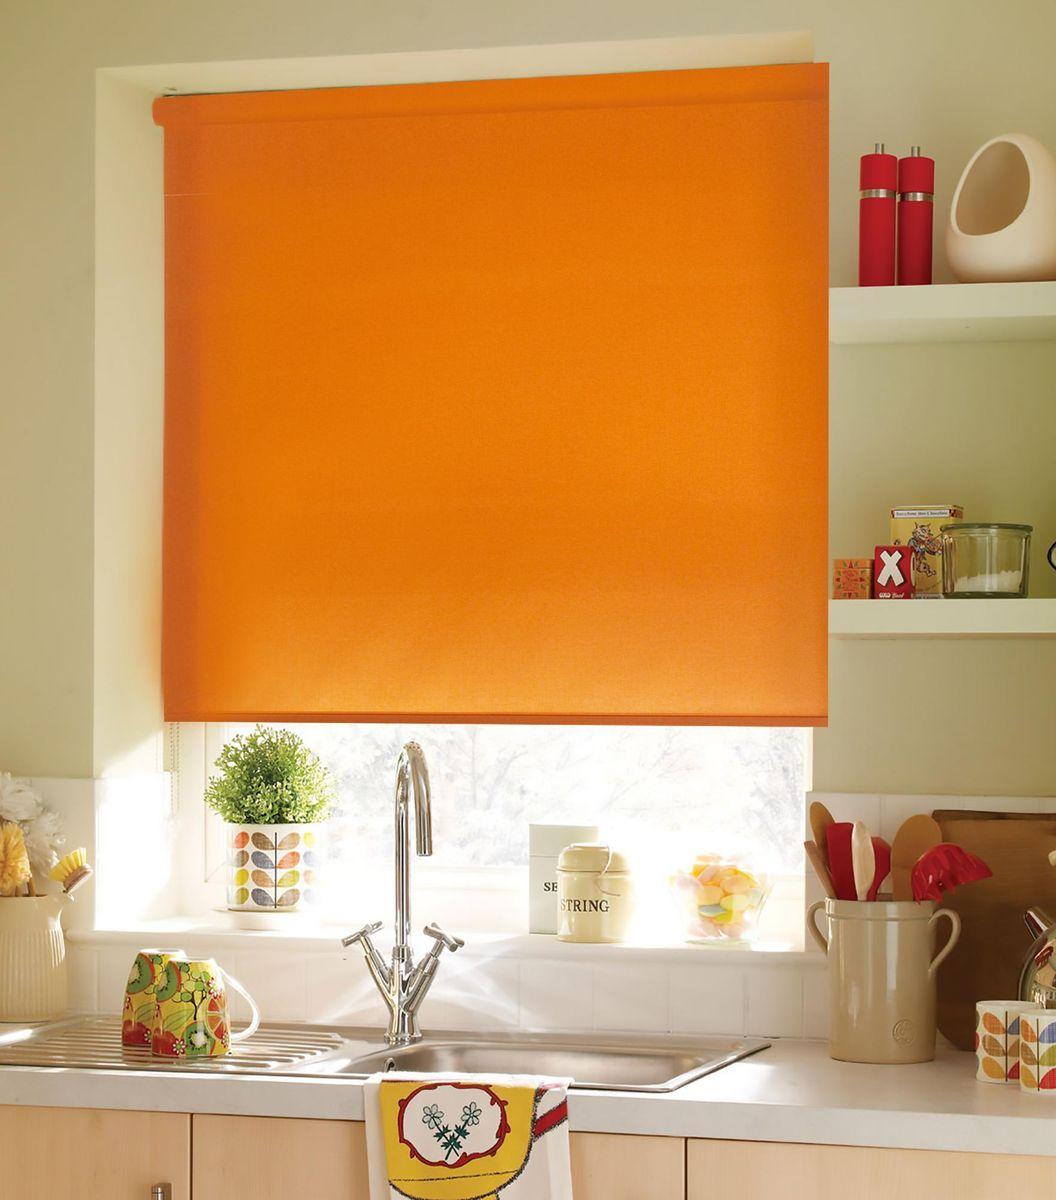 Штора рулонная Эскар, цвет: апельсиновый, ширина 120 см, высота 170 см112825Рулонными шторами можно оформлять окна как самостоятельно, так и использовать в комбинации с портьерами. Это поможет предотвратить выгорание дорогой ткани на солнце и соединит функционал рулонных с красотой навесных.Преимущества применения рулонных штор для пластиковых окон:- имеют прекрасный внешний вид: многообразие и фактурность материала изделия отлично смотрятся в любом интерьере; - многофункциональны: есть возможность подобрать шторы способные эффективно защитить комнату от солнца, при этом о на не будет слишком темной. - Есть возможность осуществить быстрый монтаж. ВНИМАНИЕ! Размеры ширины изделия указаны по ширине ткани!Во время эксплуатации не рекомендуется полностью разматывать рулон, чтобы не оторвать ткань от намоточного вала.В случае загрязнения поверхности ткани, чистку шторы проводят одним из способов, в зависимости от типа загрязнения: легкое поверхностное загрязнение можно удалить при помощи канцелярского ластика; чистка от пыли производится сухим методом при помощи пылесоса с мягкой щеткой-насадкой; для удаления пятна используйте мягкую губку с пенообразующим неагрессивным моющим средством или пятновыводитель на натуральной основе (нельзя применять растворители).